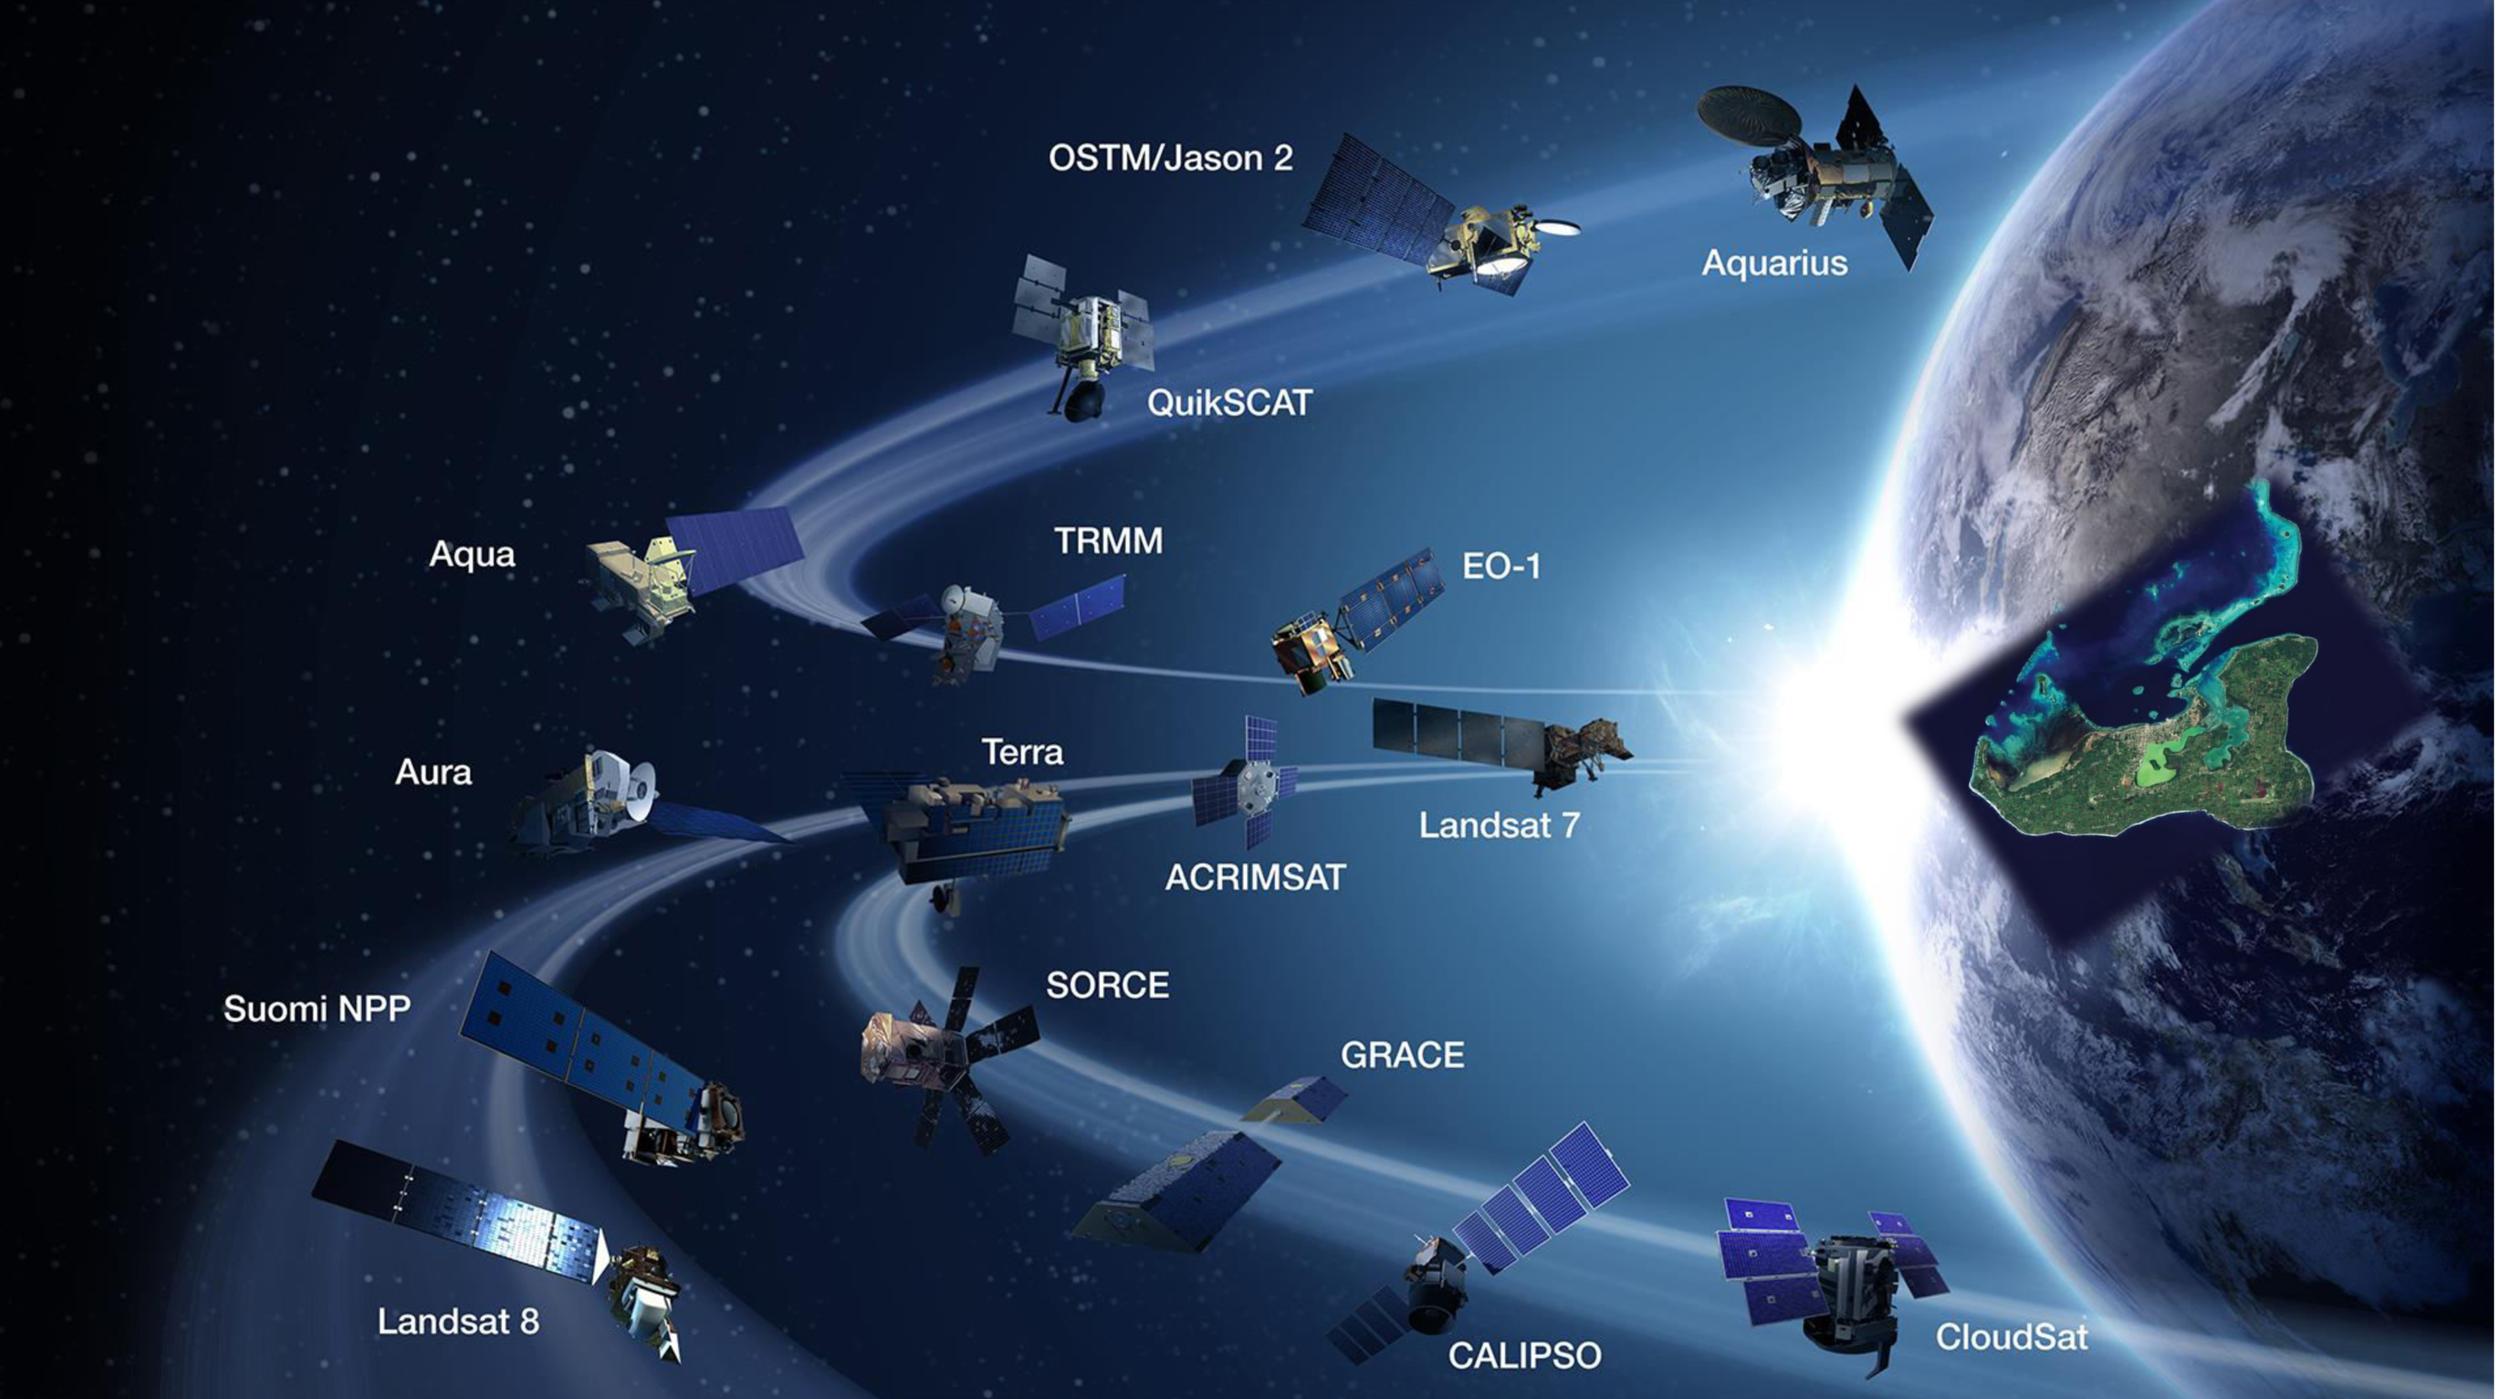 Photo Credit: NASA | Earth Science